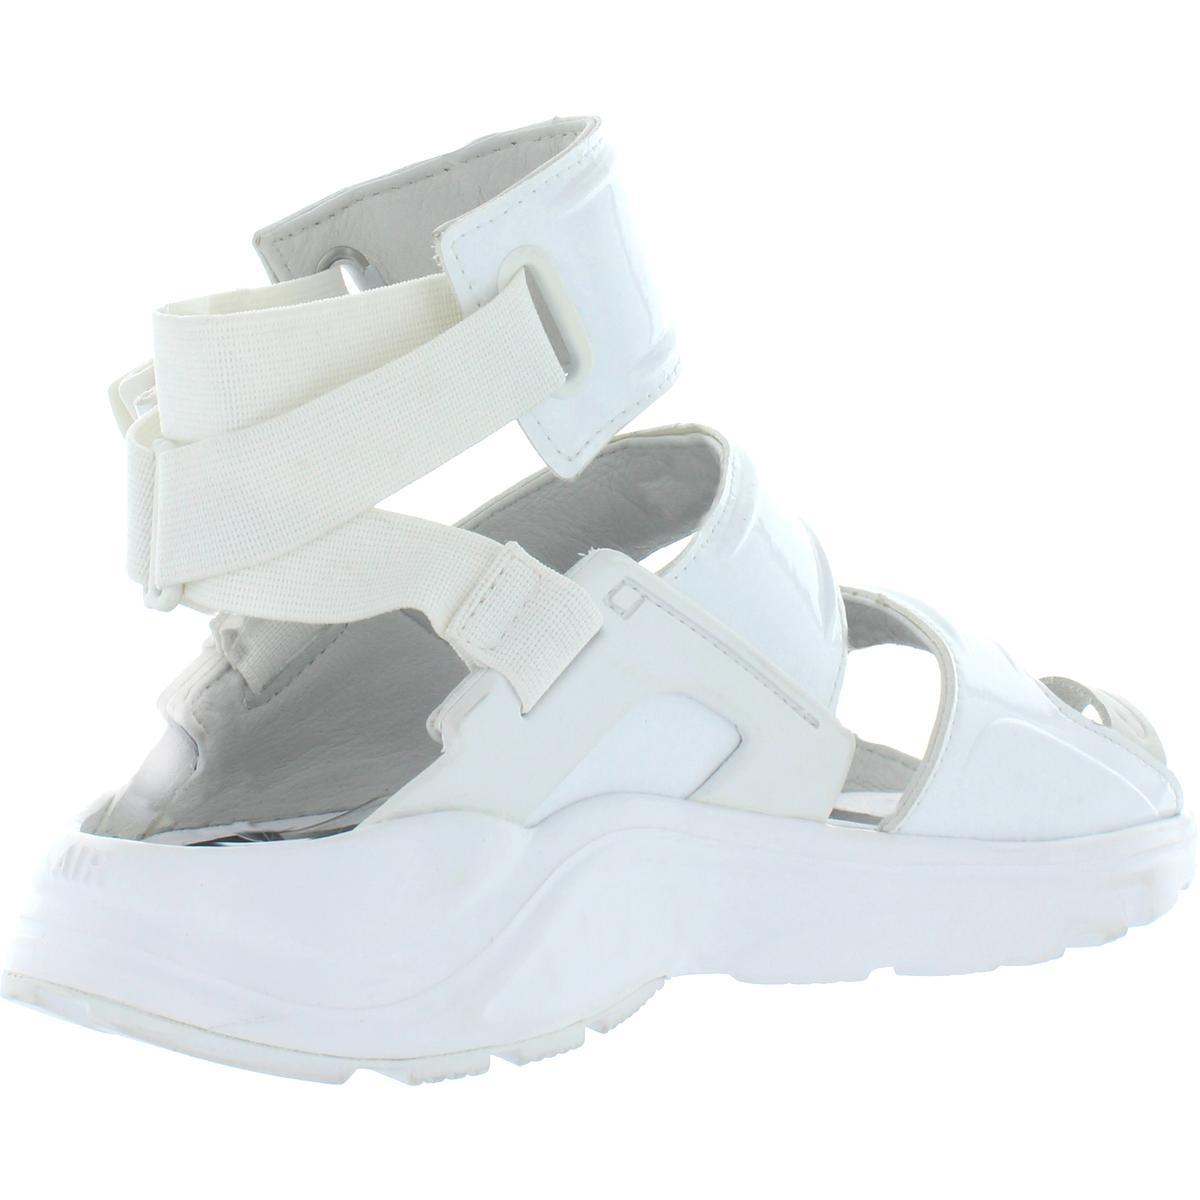 Nike-Womens-Air-Huarache-Gladiator-QS-Toe-Loop-Sport-Sandals-Shoes-BHFO-3410 thumbnail 6